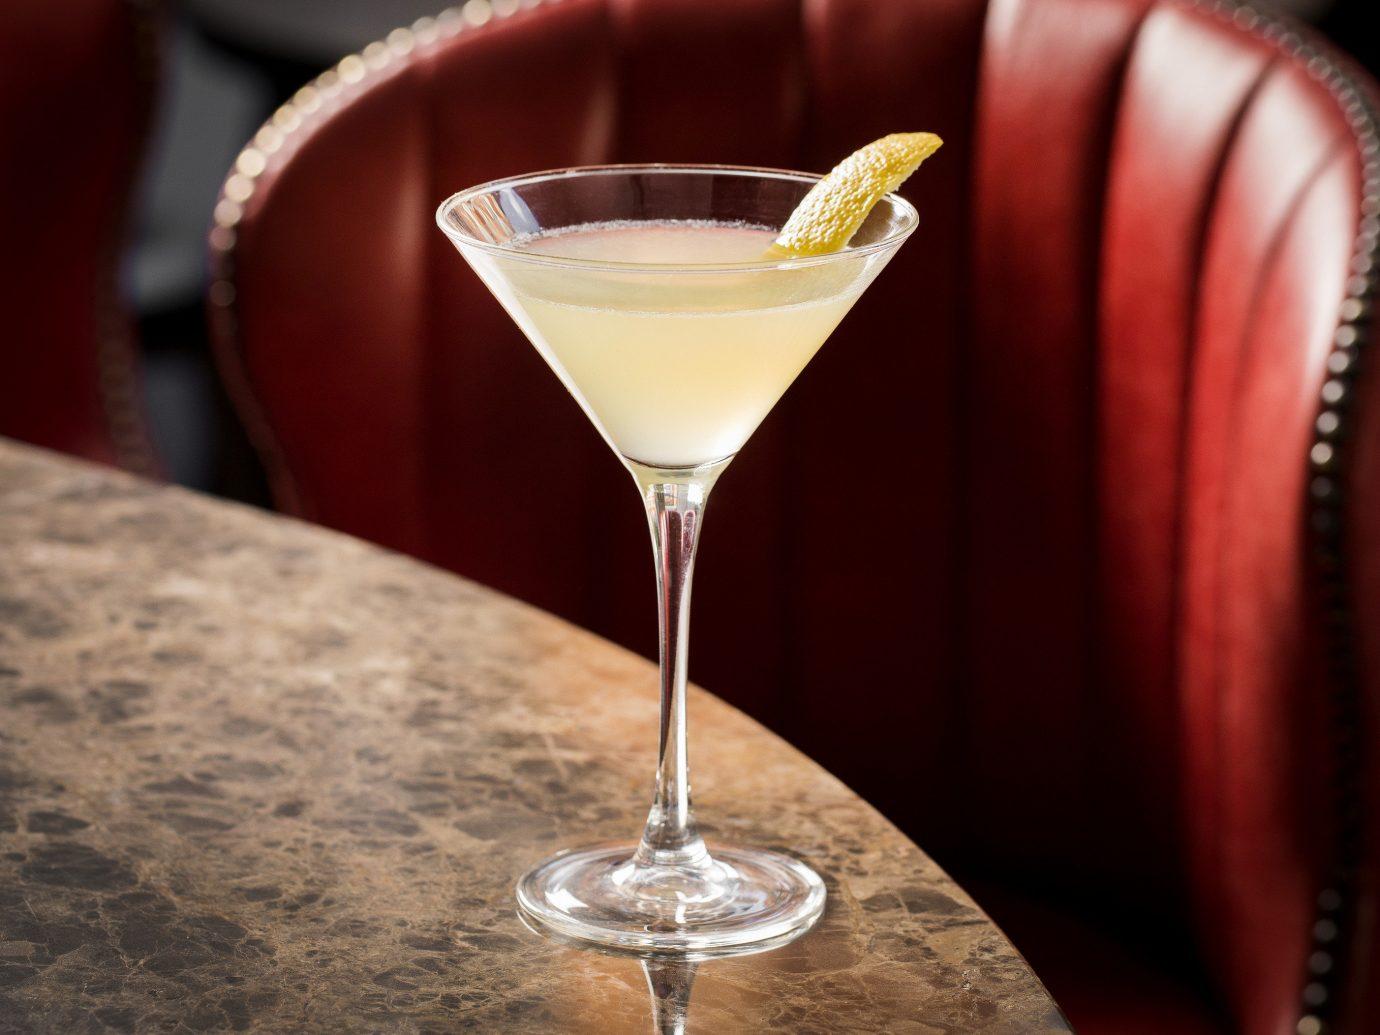 Martini at Tom's Kitchen in Chelsea, UK